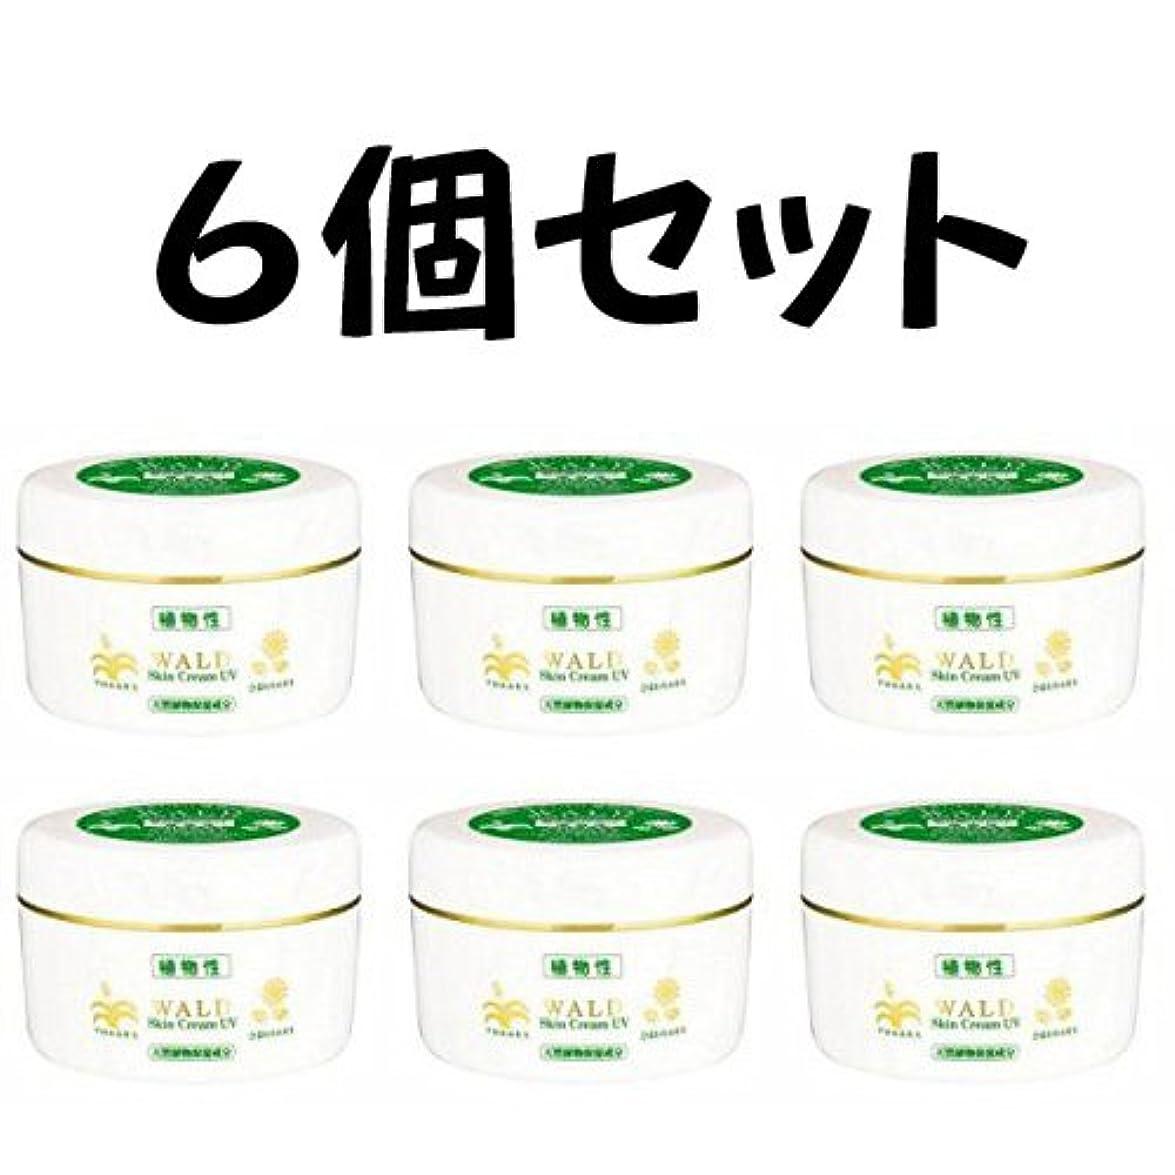 カウントアップ迷路冷蔵庫新 ヴァルトスキンクリーム UV (WALD Skin Cream UV) 220g (6)